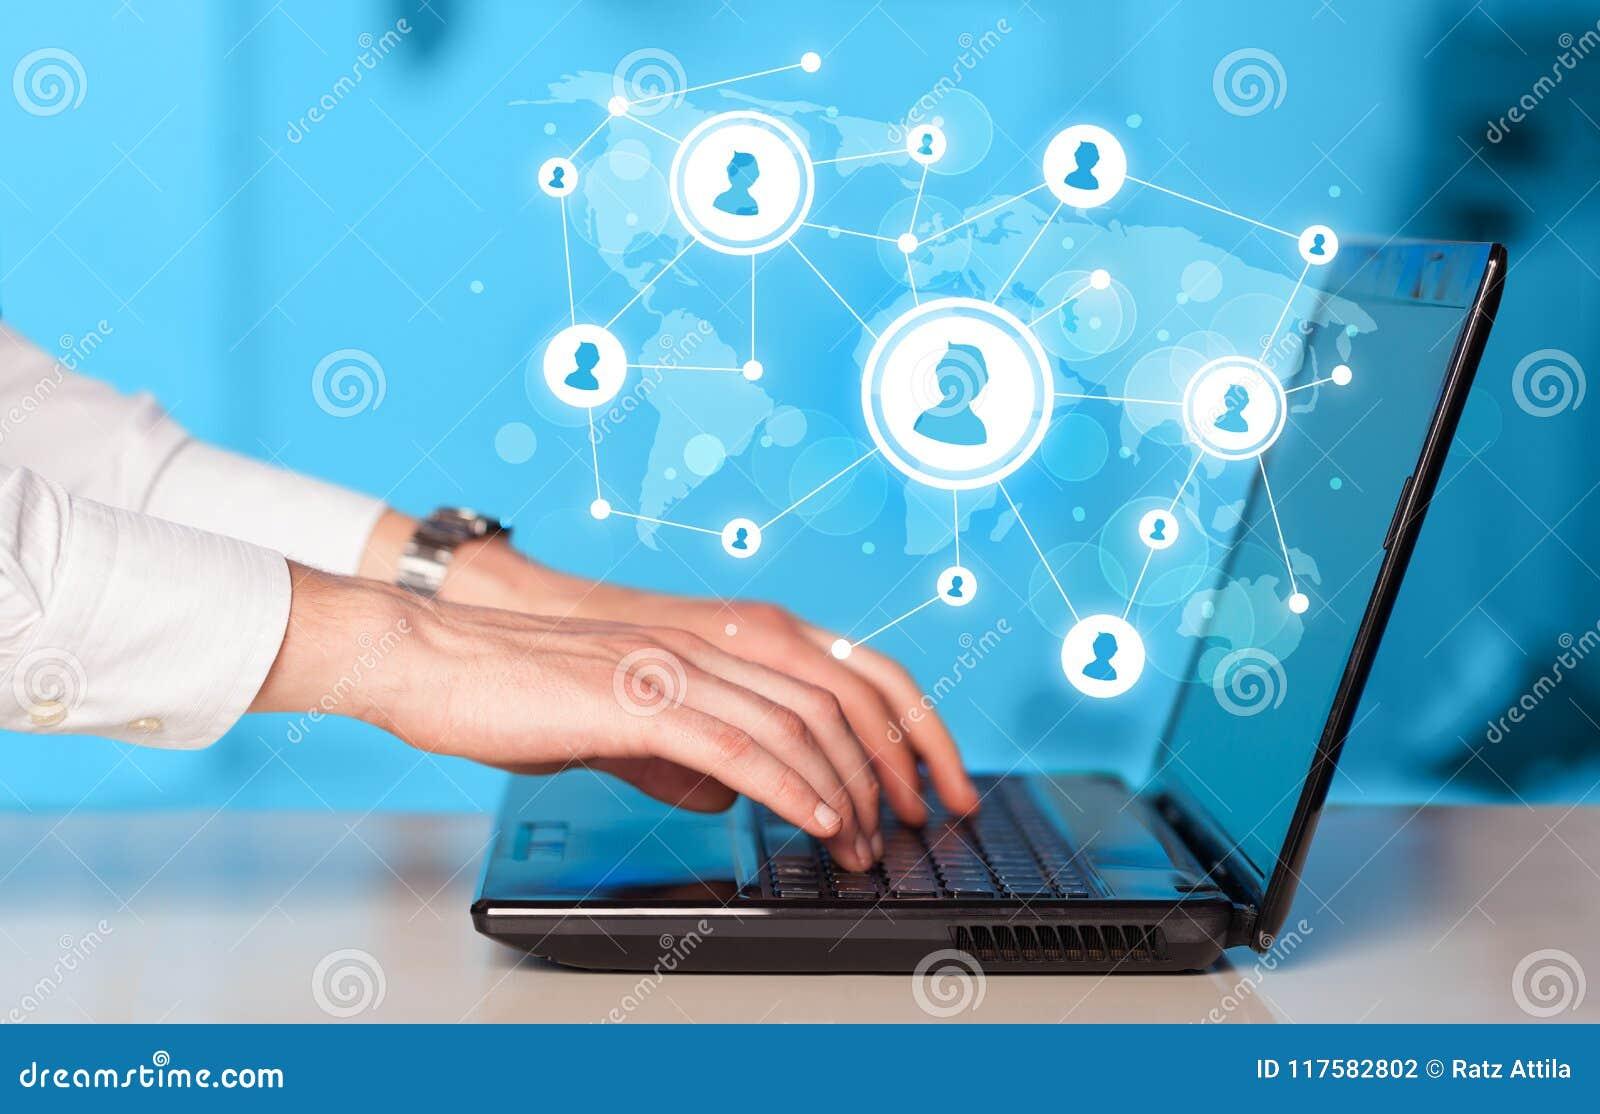 Chiuda su della mano con le icone di media del sociale e del computer portatile